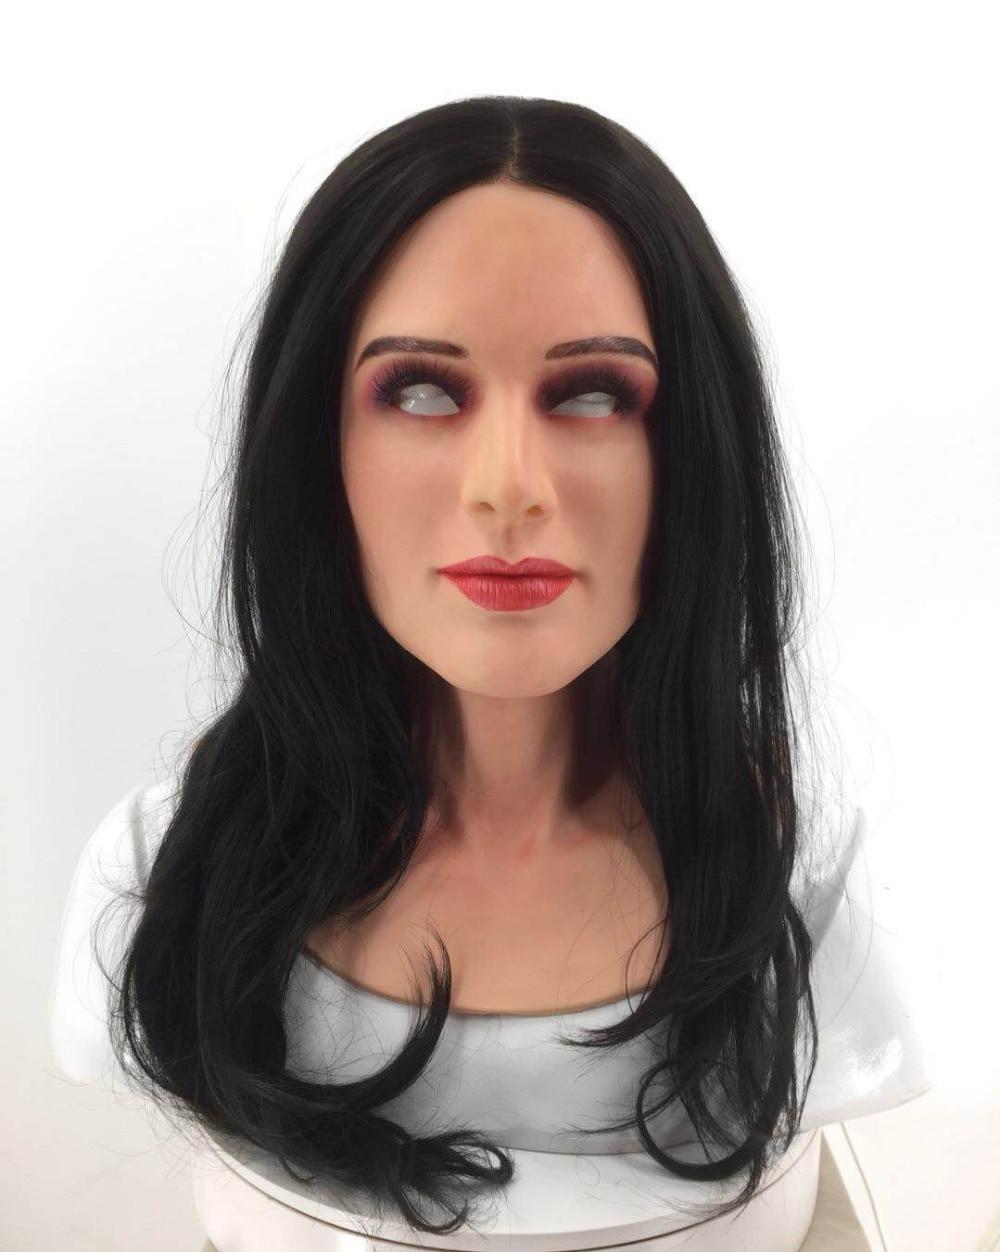 SchöN Roanyer Ria Transgender Silikon Shemale Realistische Gesicht Maske Cosplay Frauen Crossdresser Latex Kleid Für Männlichen Sexy Party Liefert Event & Party Festliche & Party Supplies